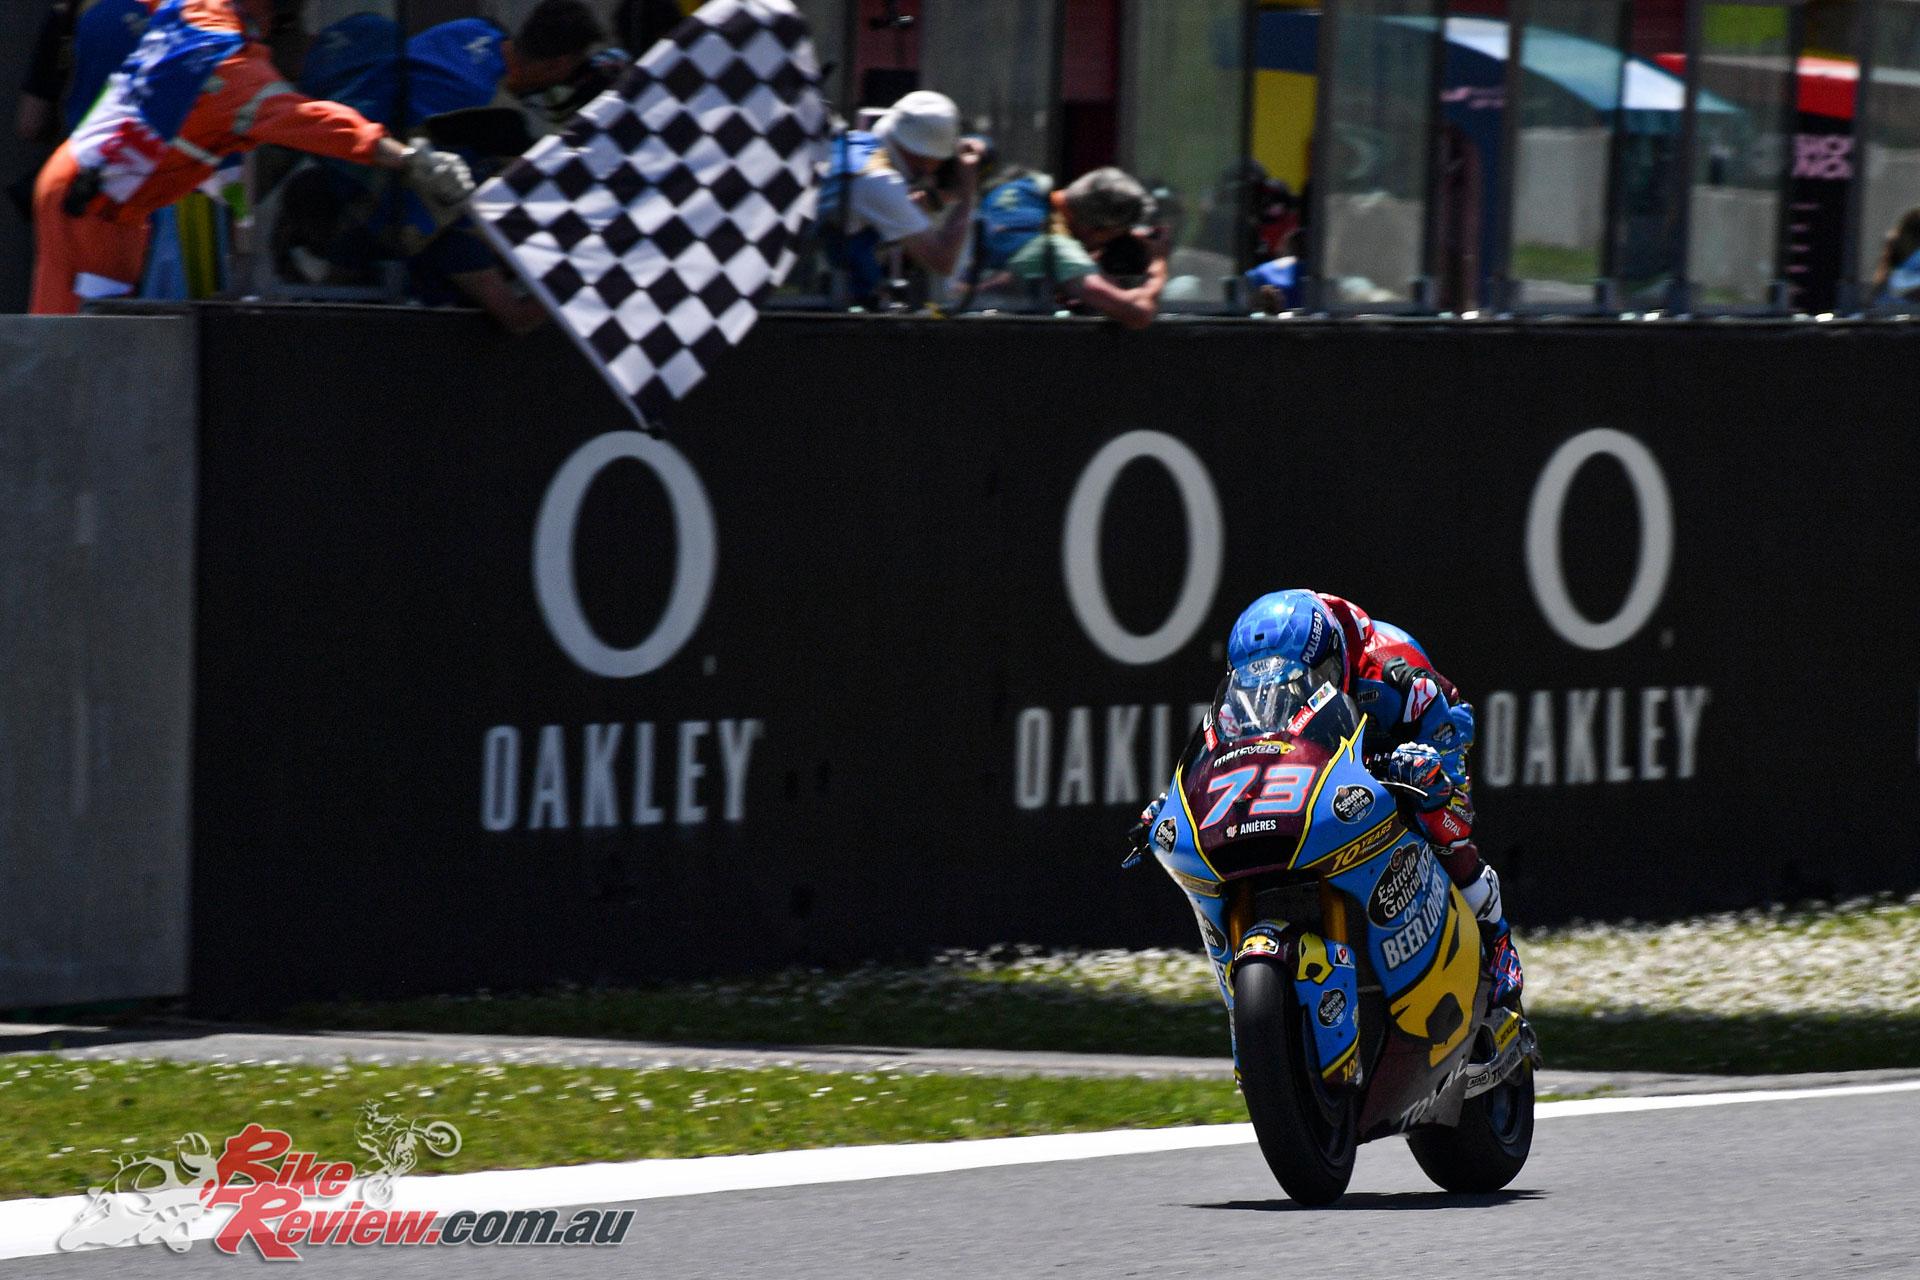 Alex Marquez - 2019 MotoGP Round 6 Mugello